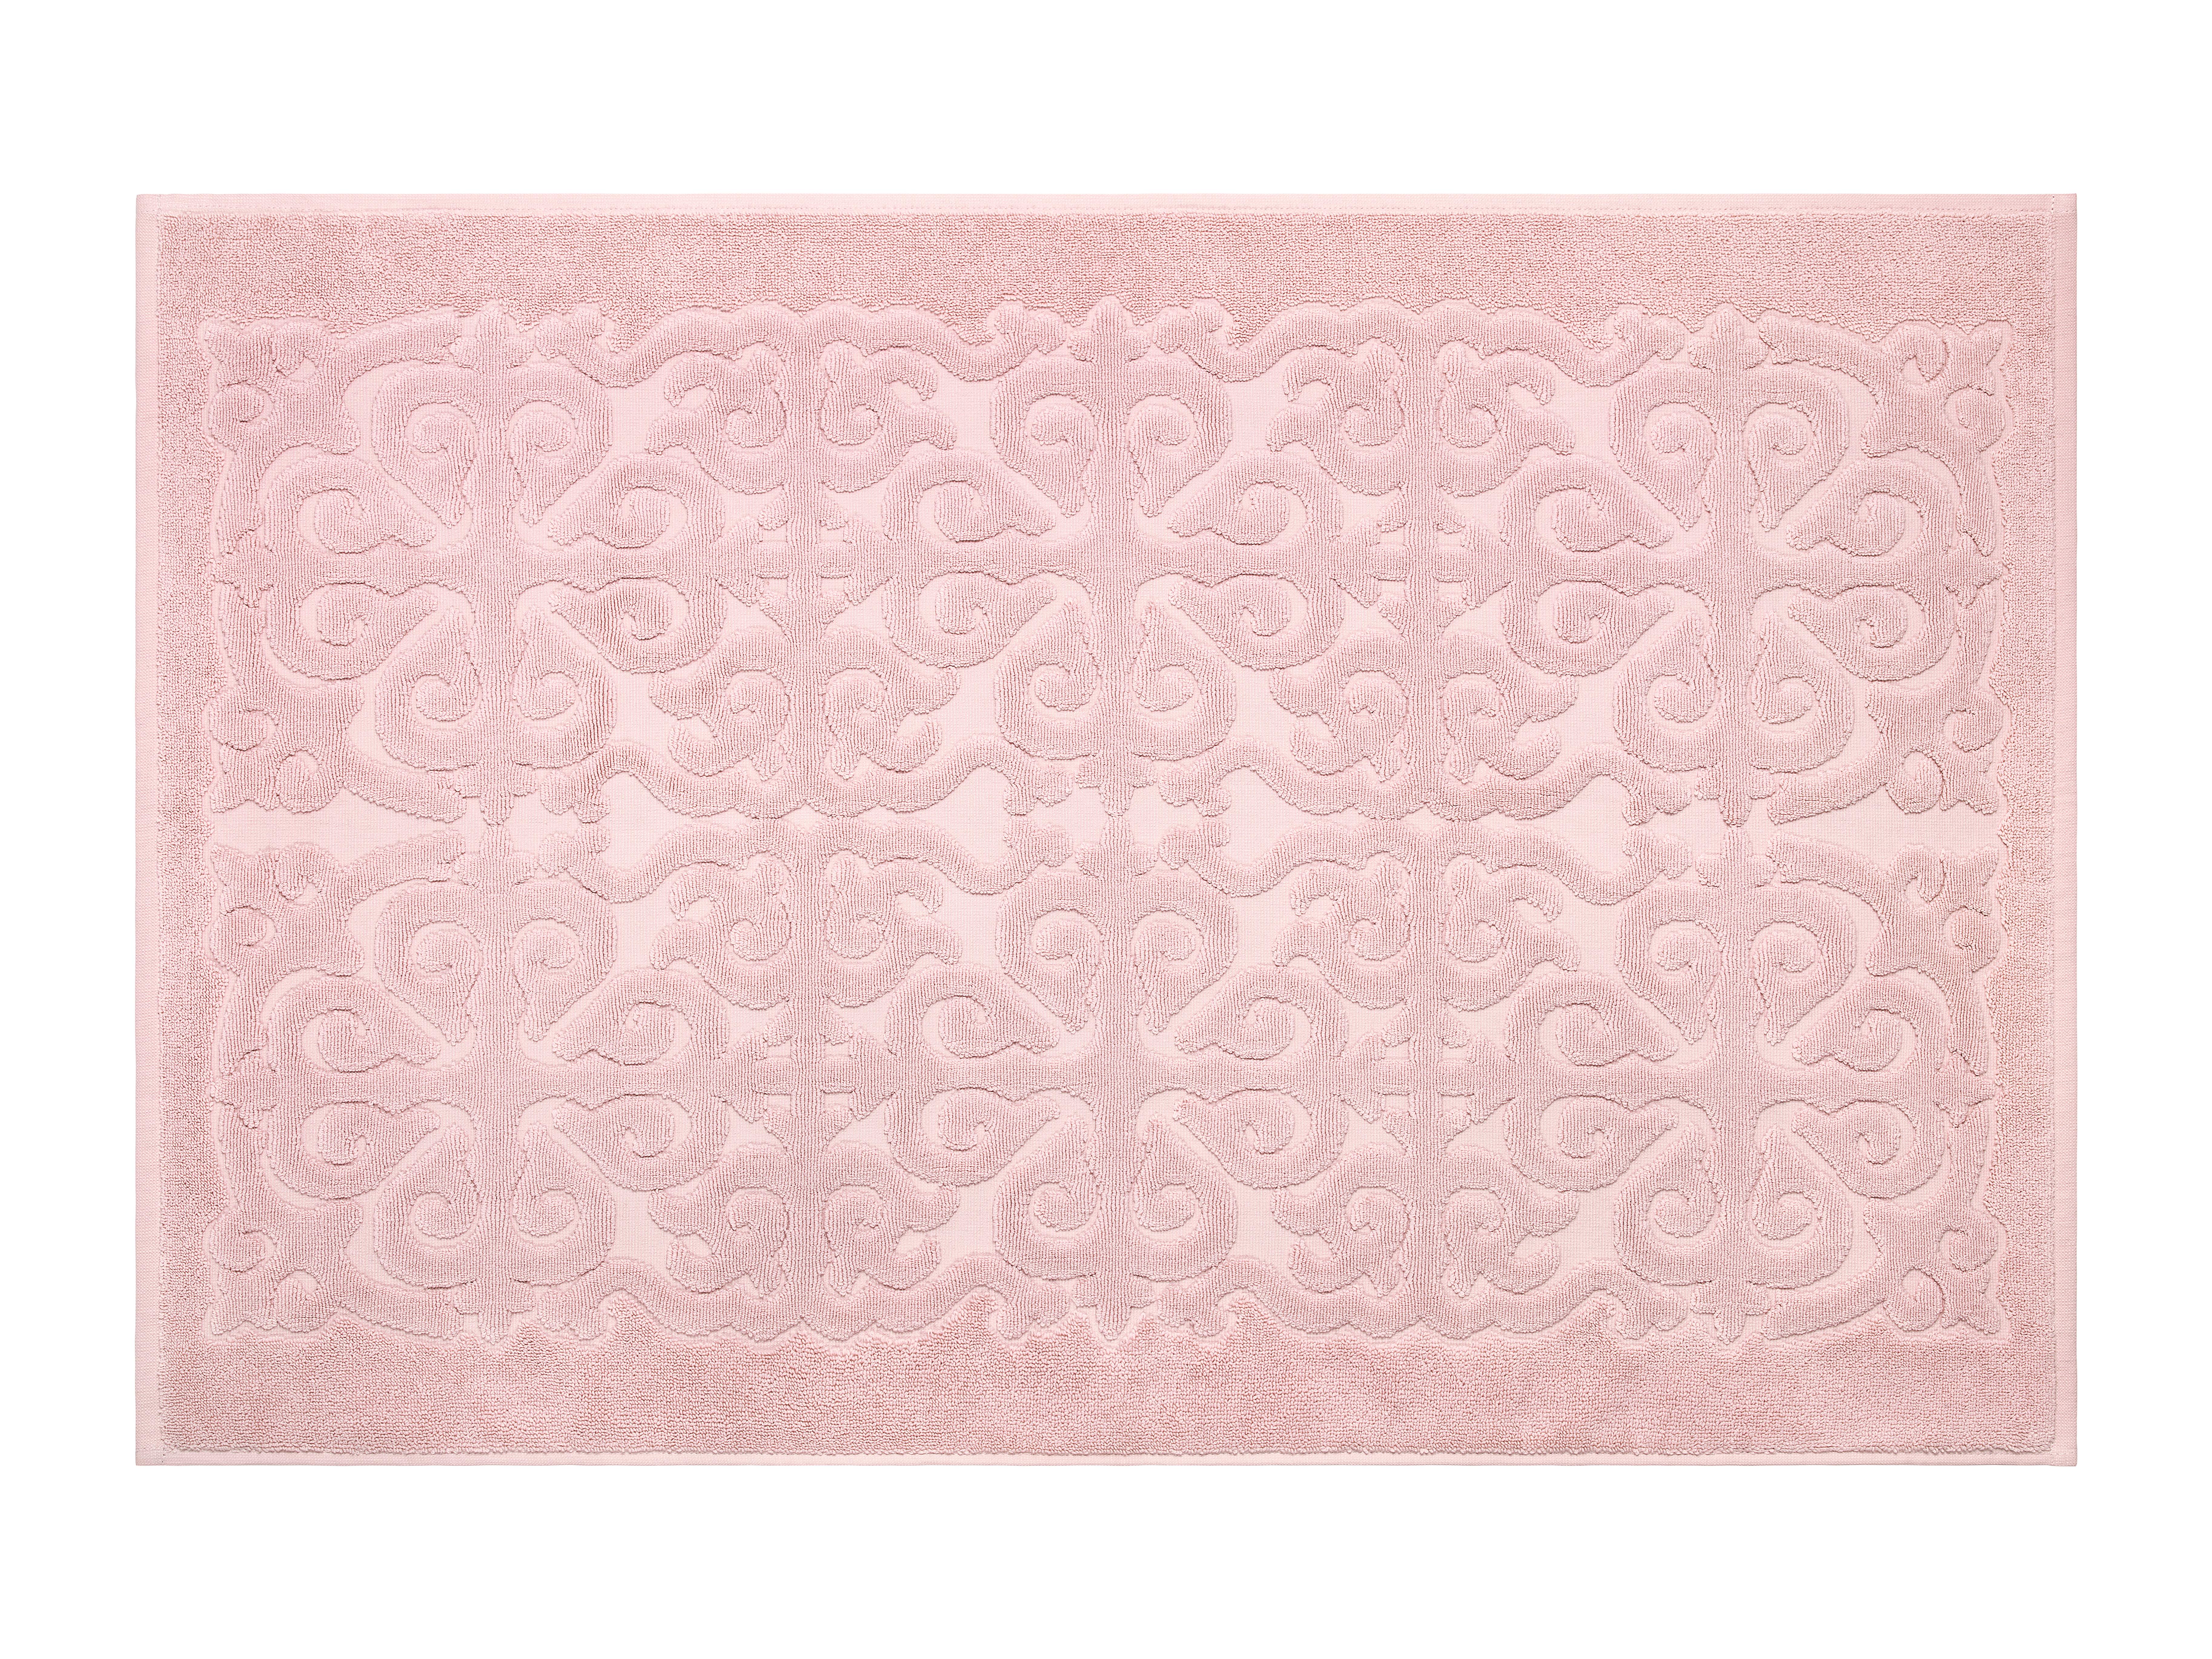 Купить Коврики для ванной и туалета ESTIA, Коврик для ванной Перла Цвет: Светло-Розовый (60х90 см), Греция, Махра